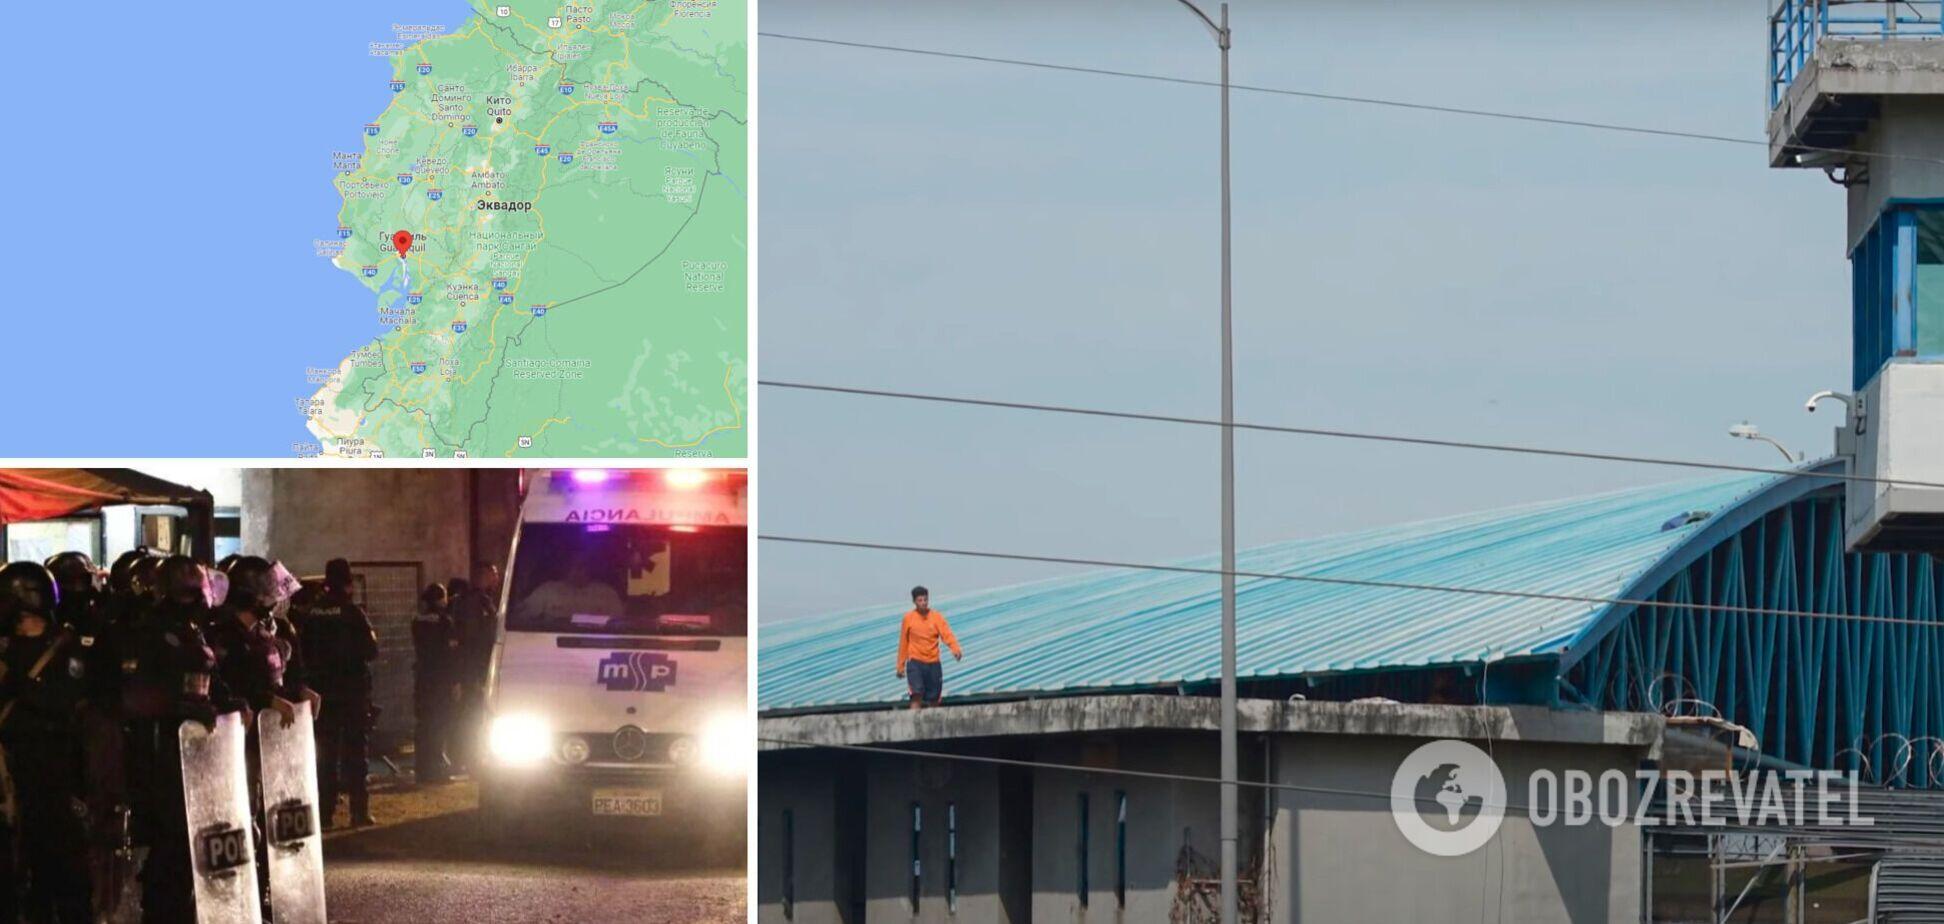 У в'язниці Еквадору під час розбірок між бандами загинули понад 100 осіб. Фото та відео